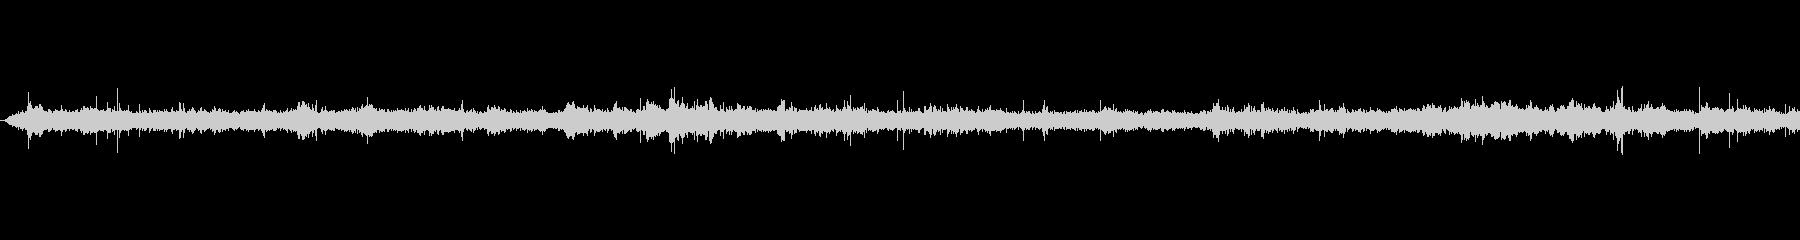 地下鉄の声の未再生の波形